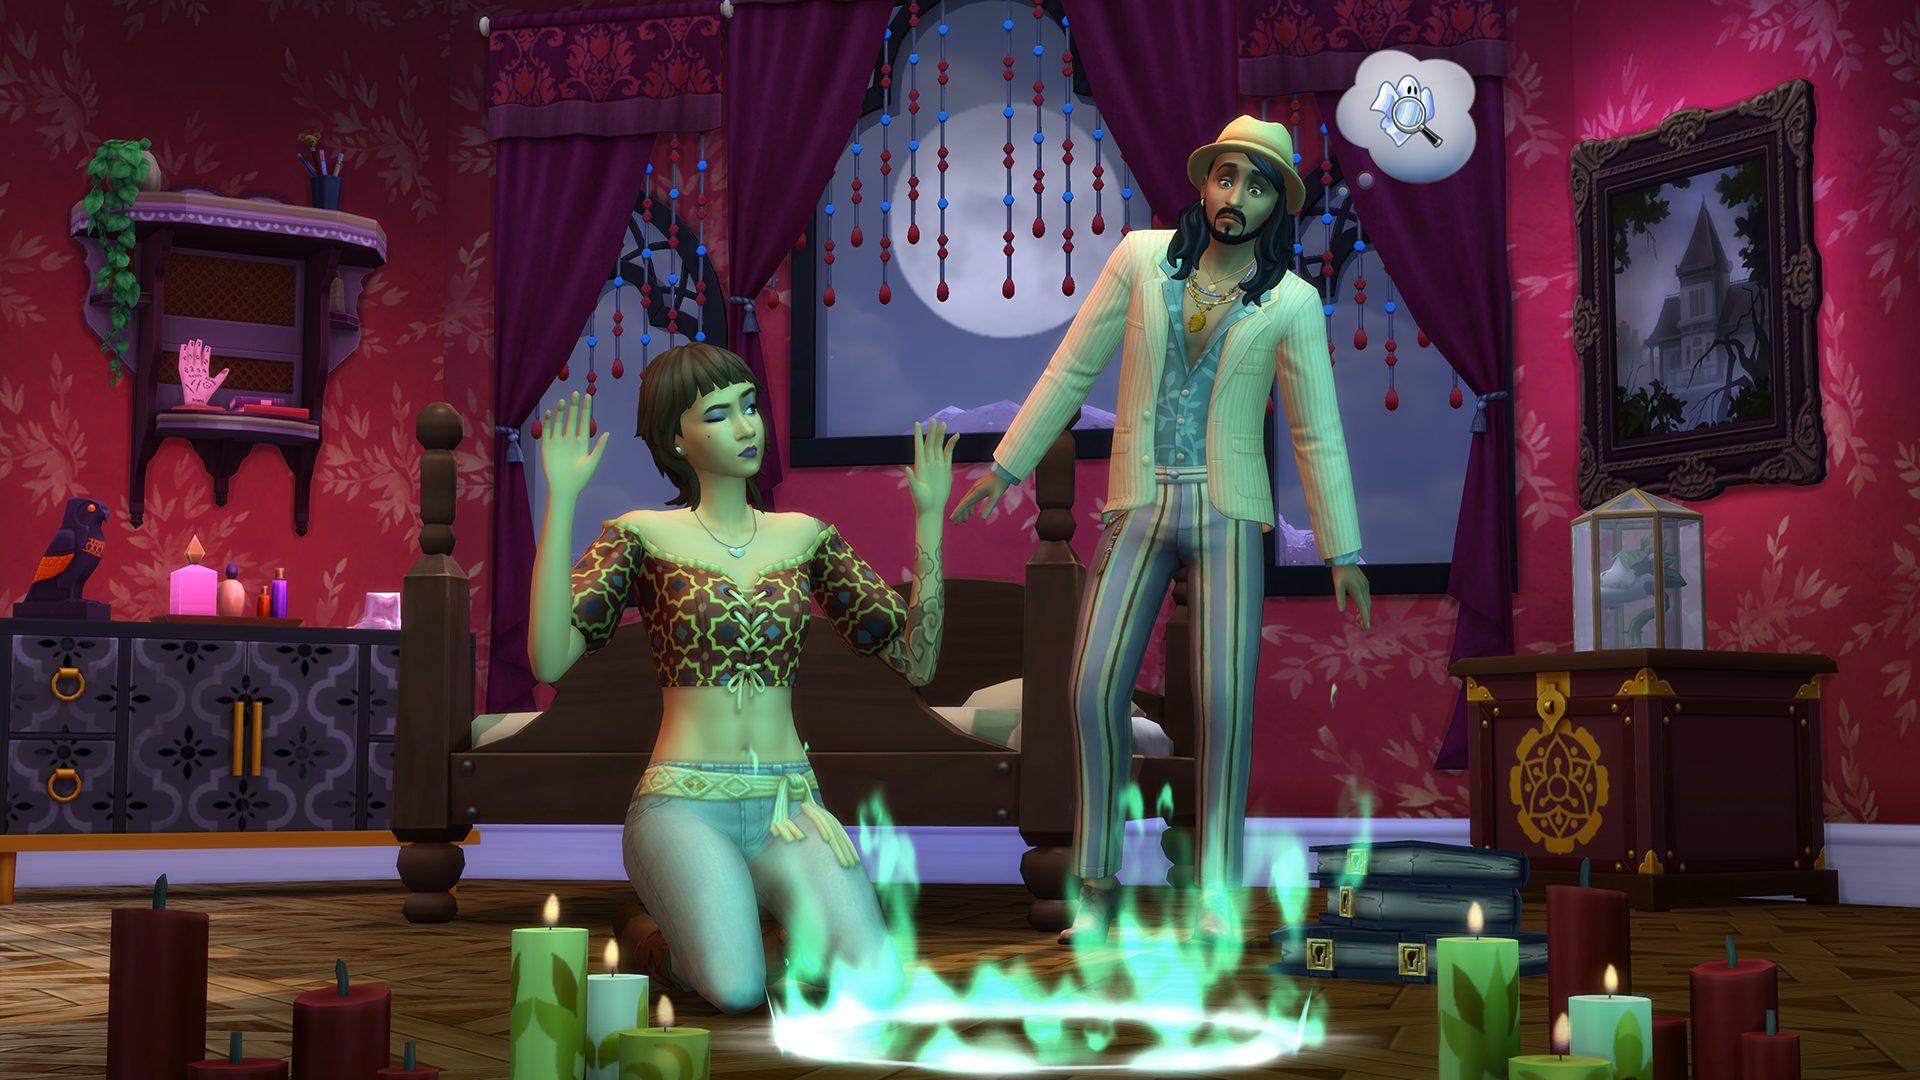 The Sims 4 Fenomeni Paranormali Stuff - Immagini, caratteristiche & data d'uscita